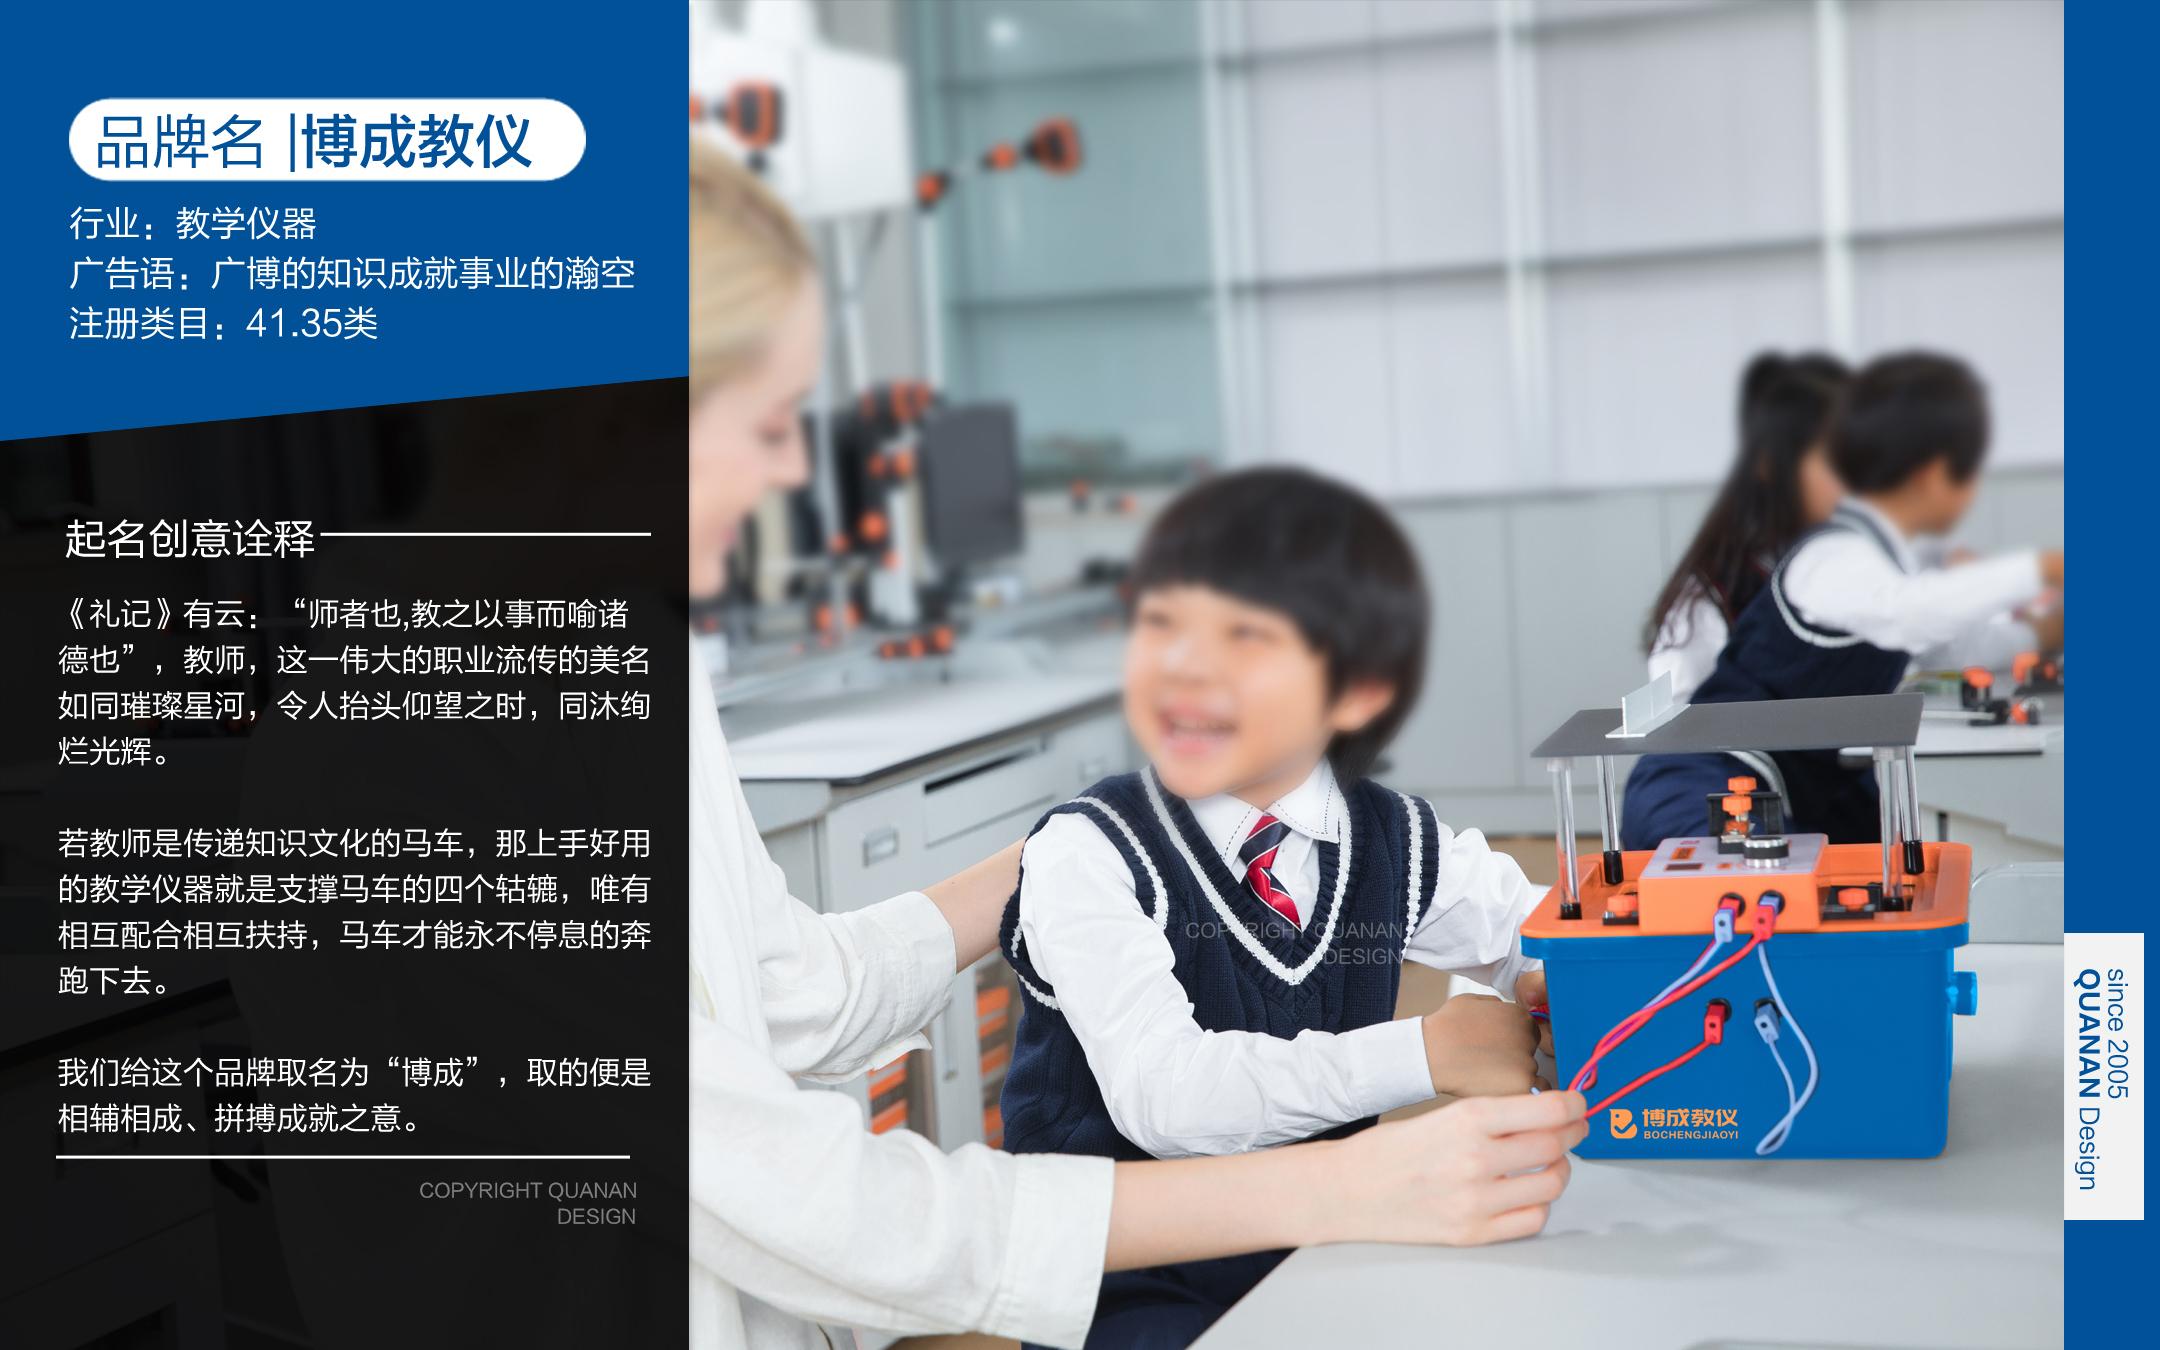 【深圳取名】民营医院行业,公司起名,网站起名,高端取名